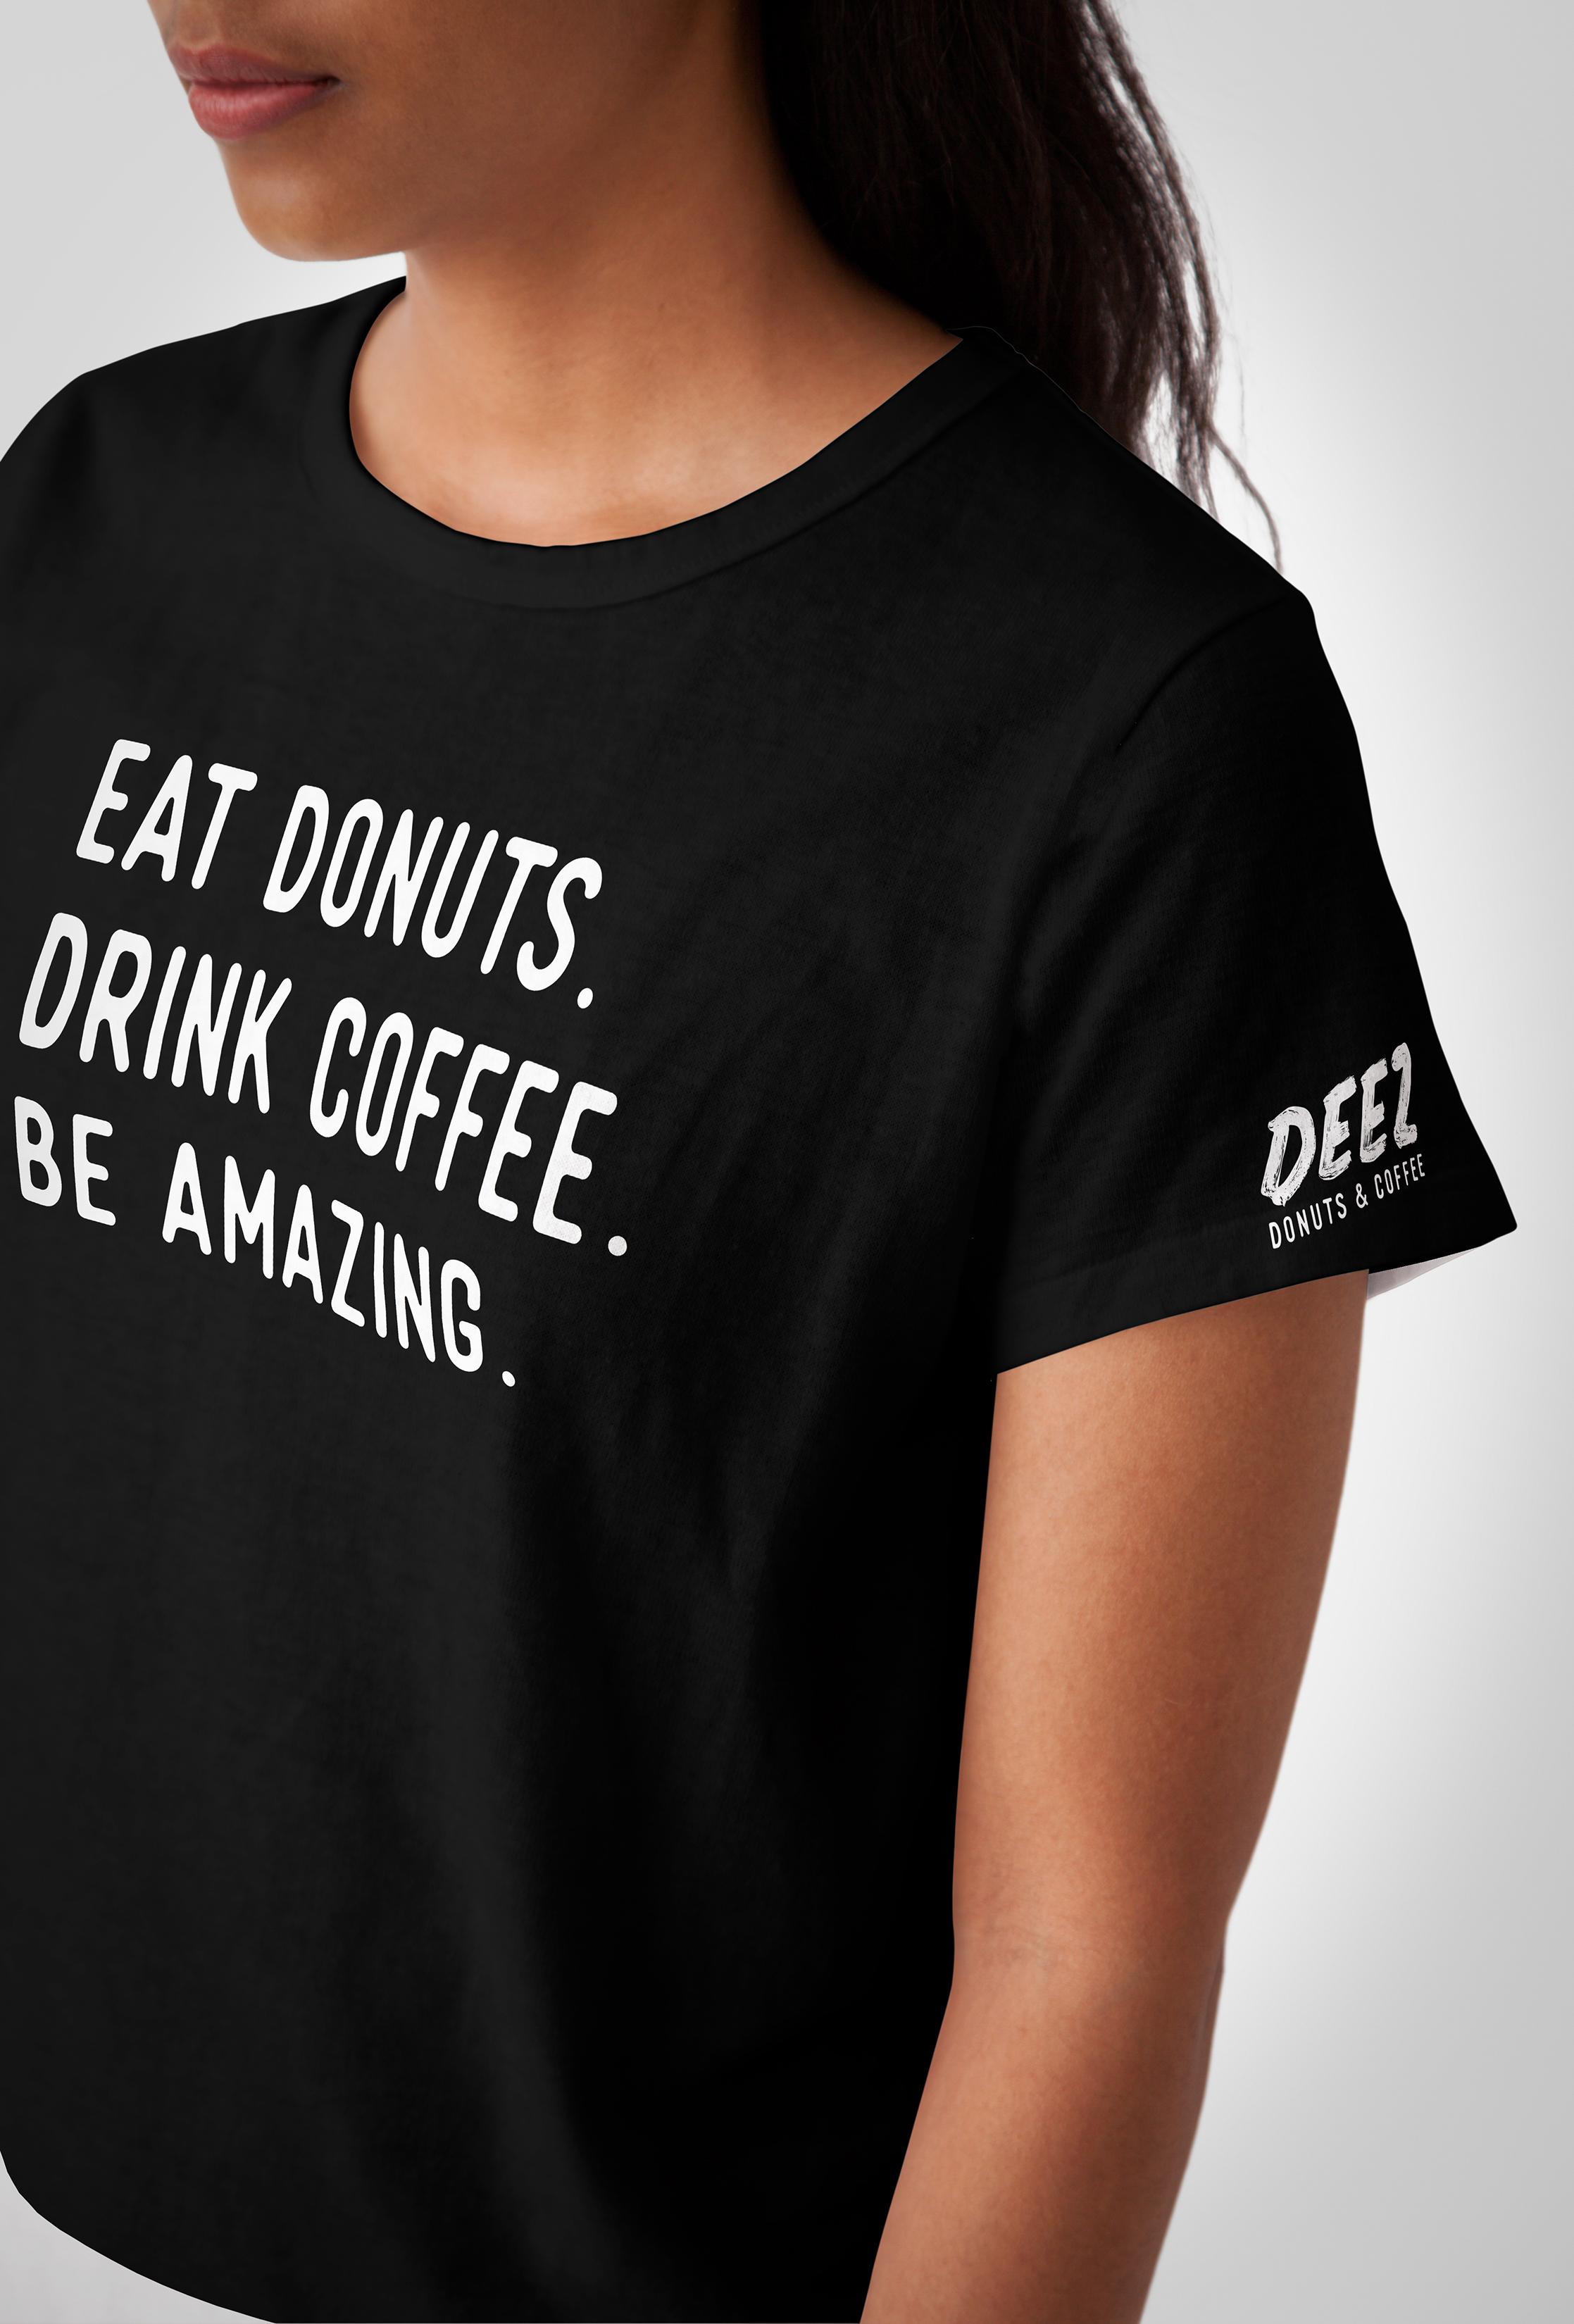 8.5_Deez_Shirt.jpg